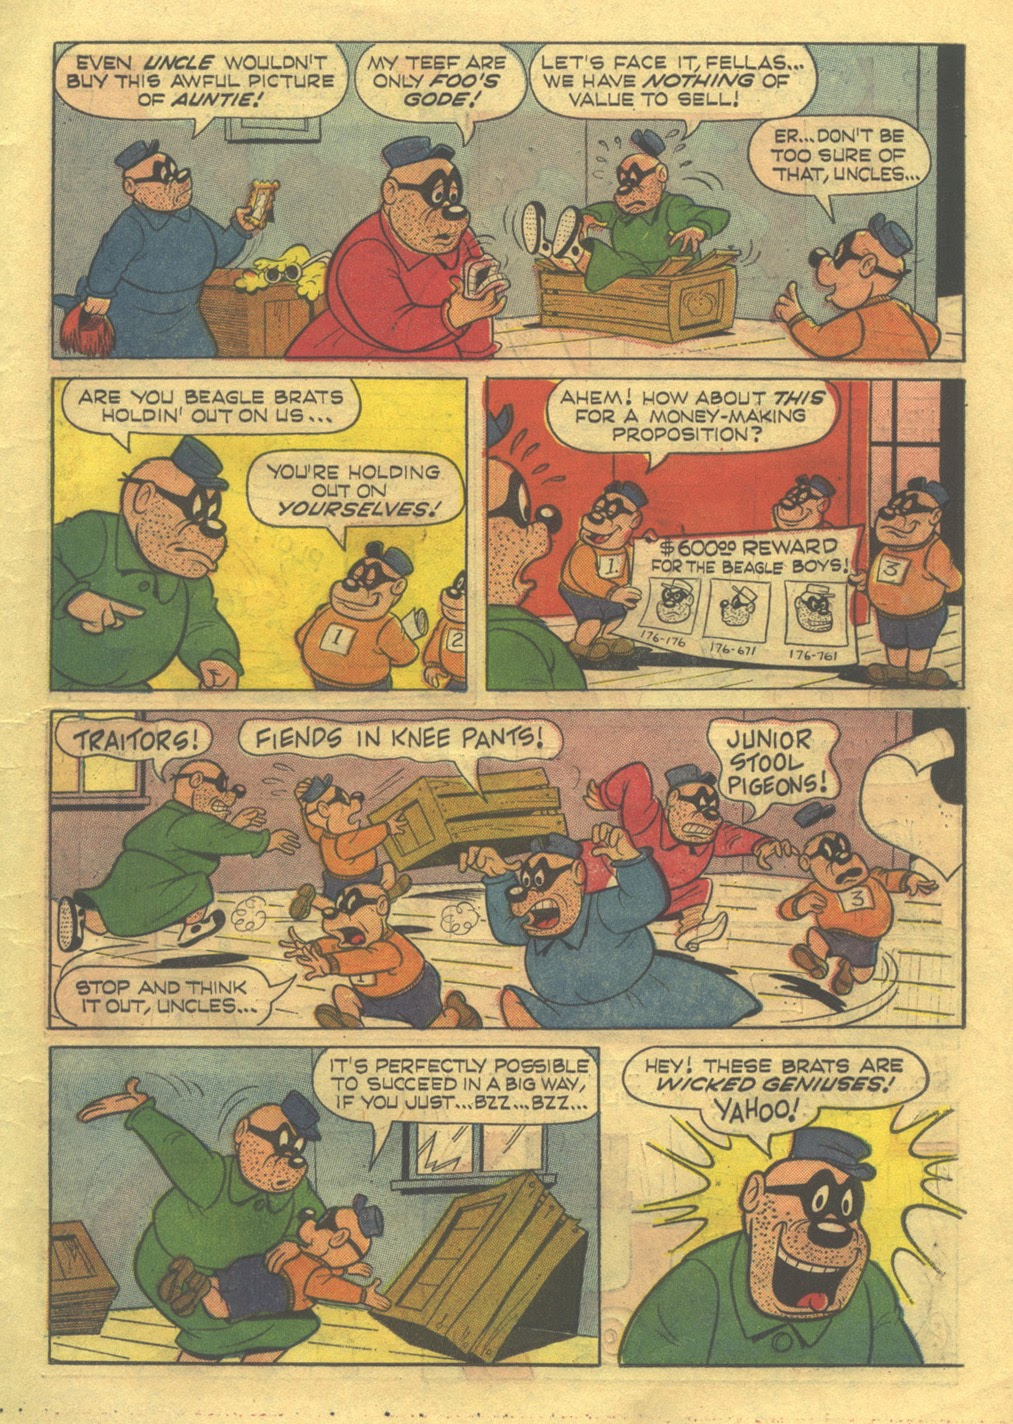 Walt Disney THE BEAGLE BOYS issue 3 - Page 11